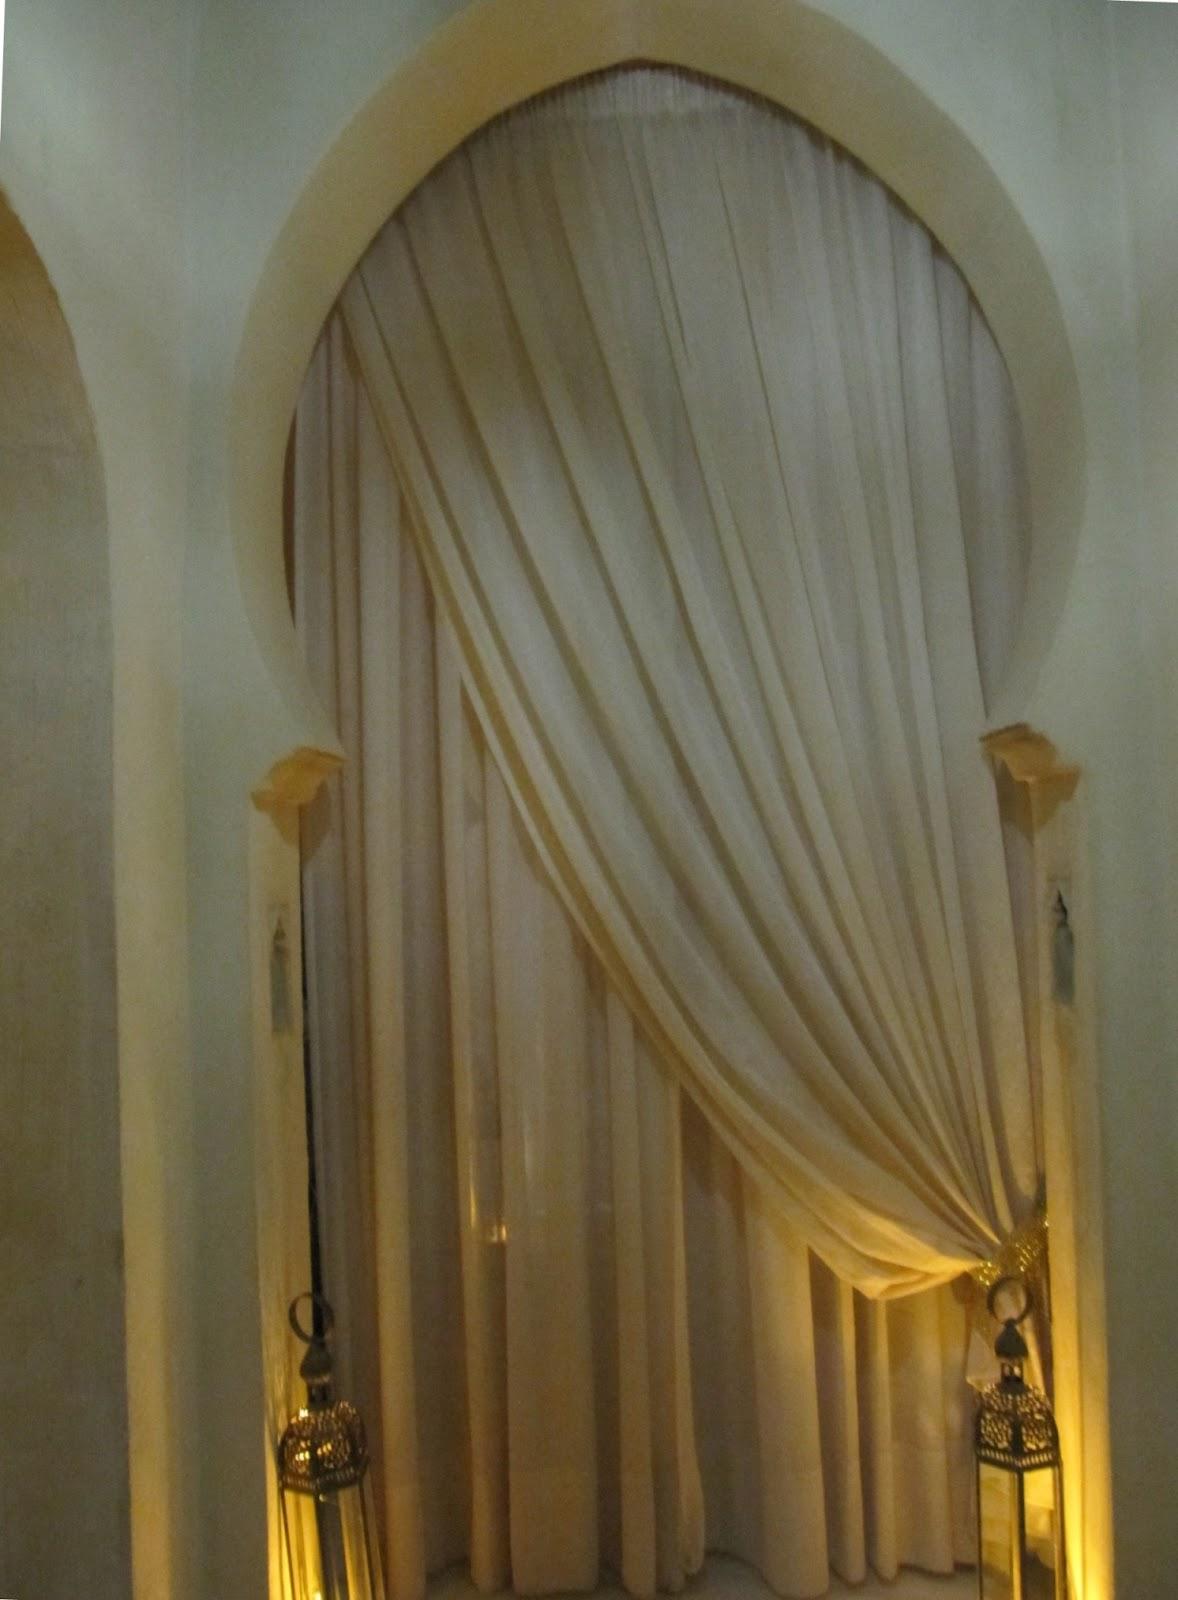 Baño Arabe Hammam Granada:El Blog de MA: Baños árabes HAMMAM GranadaImágenes de MA